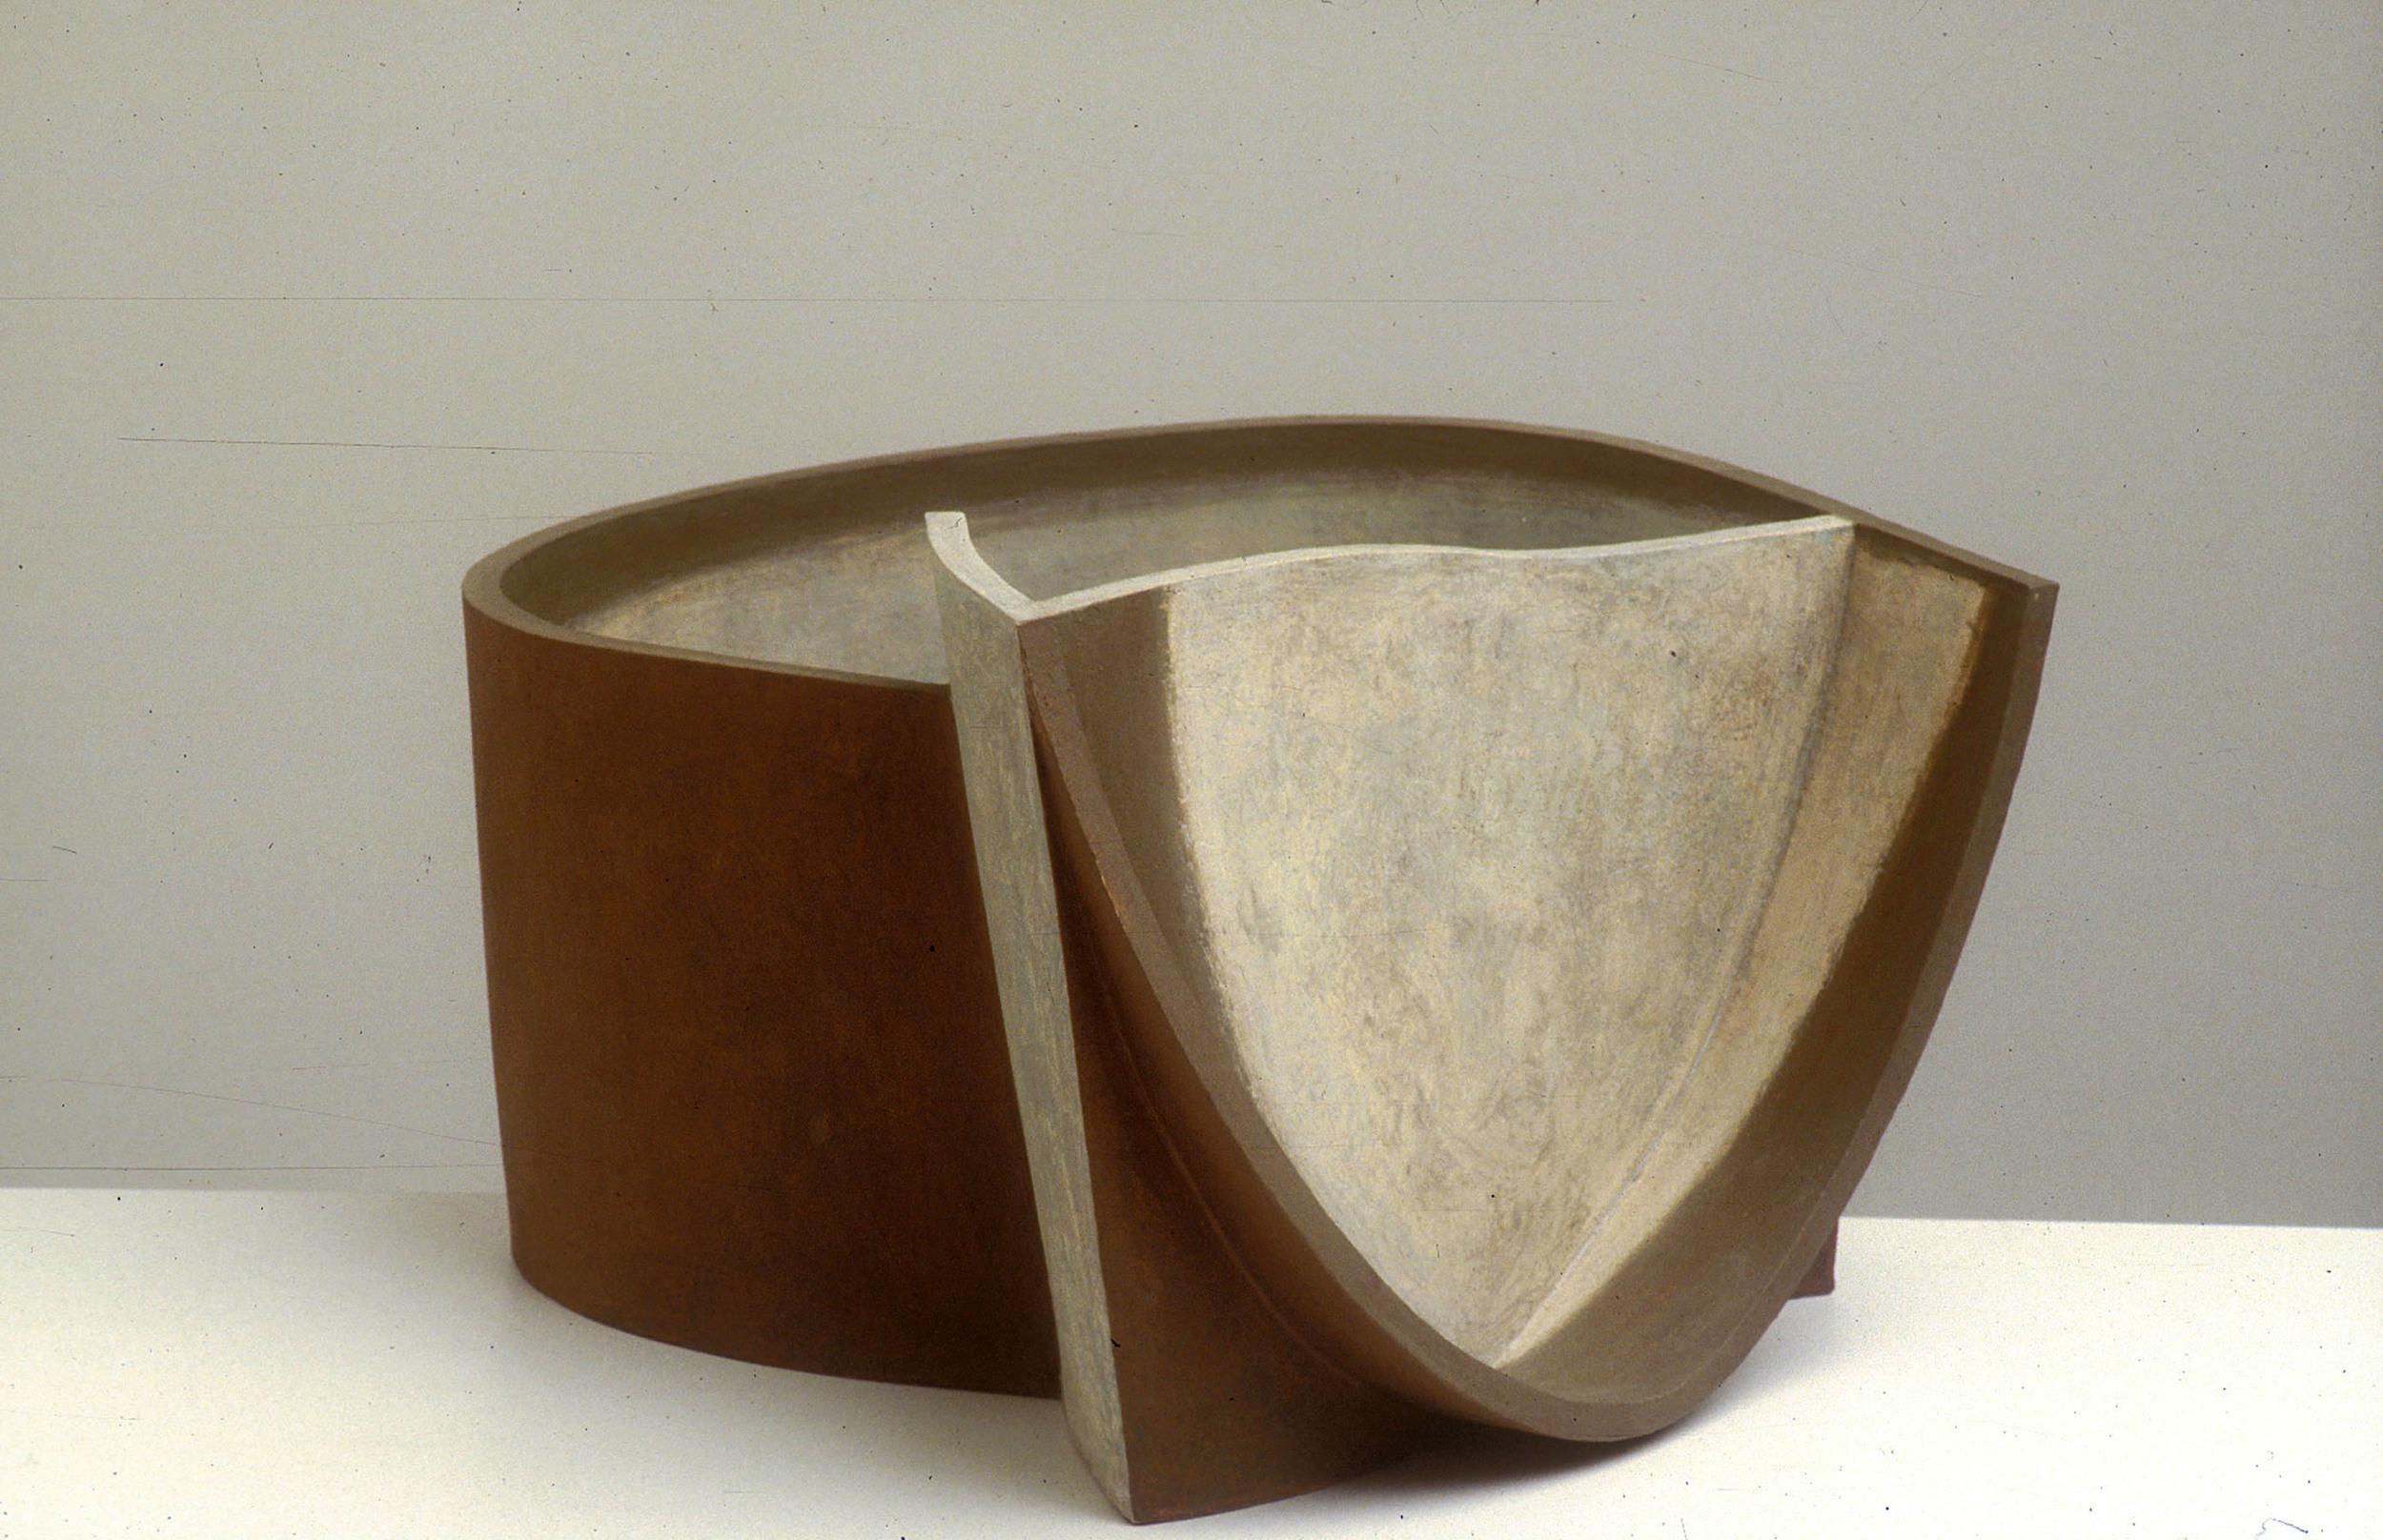 Pot, 1990, 23cm high